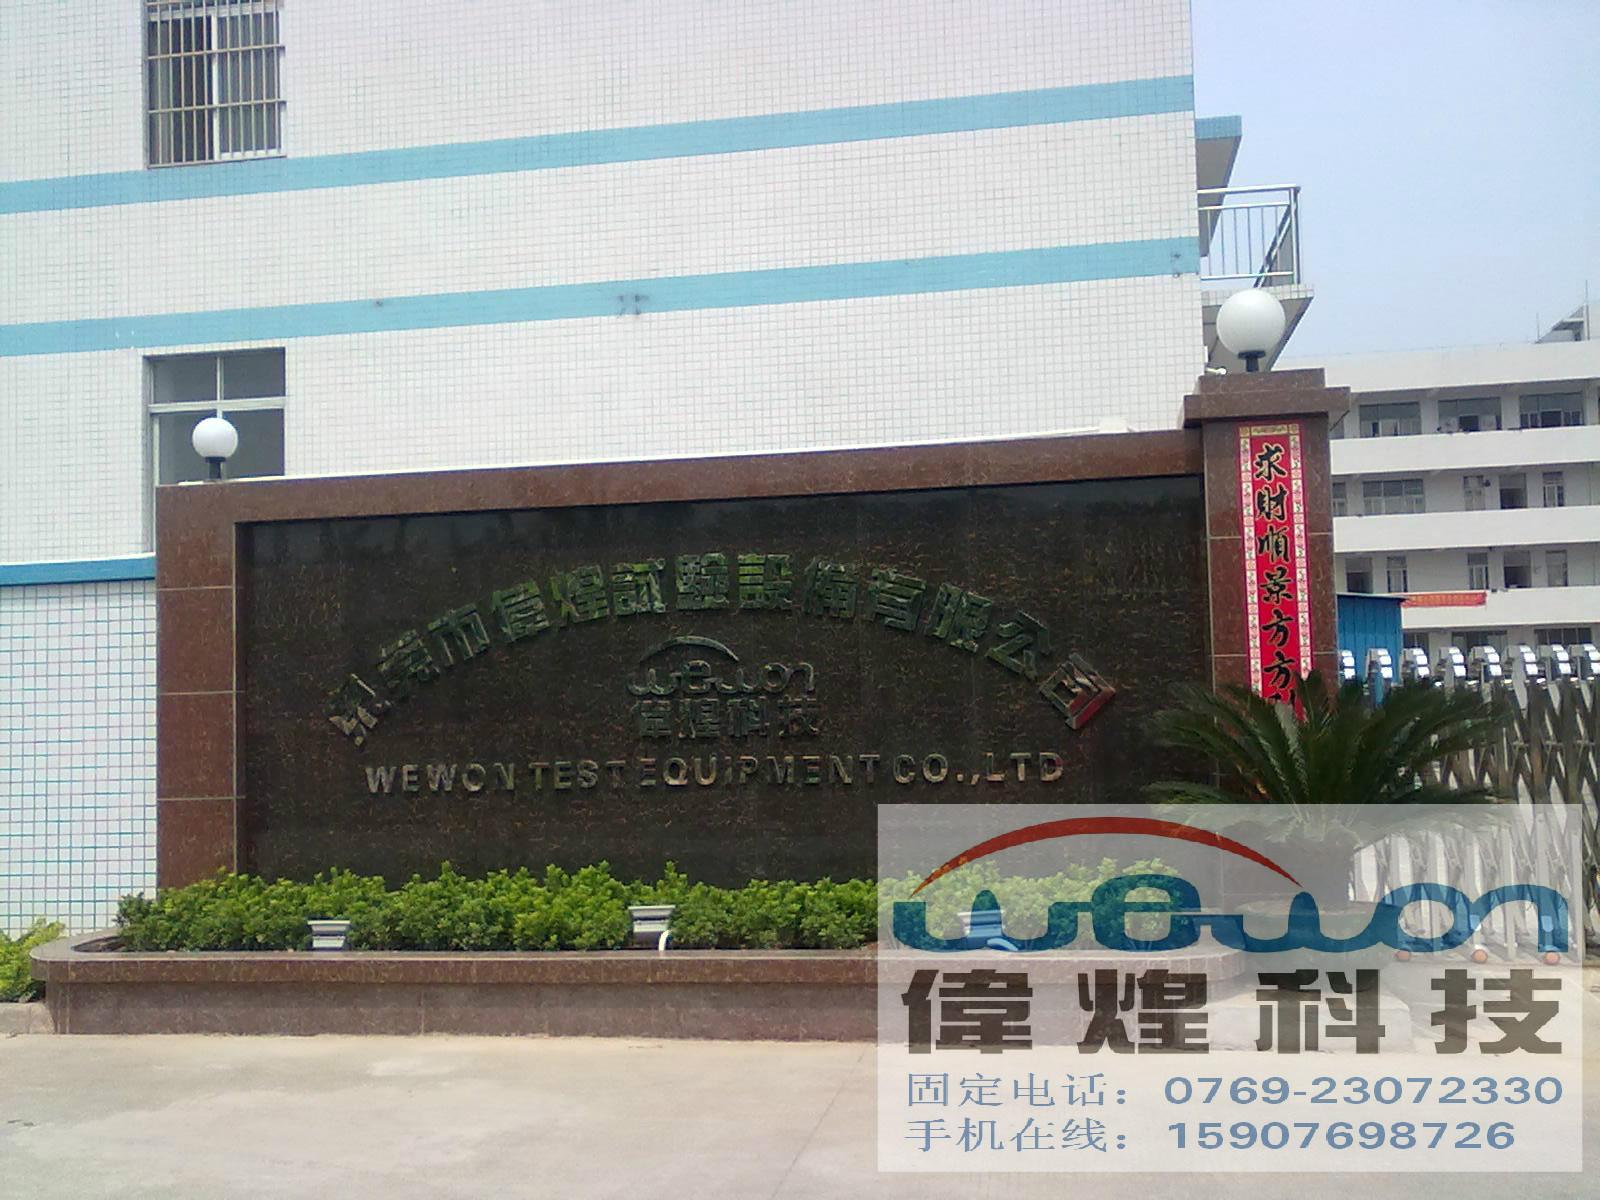 东莞市伟煌试验设备有限公司